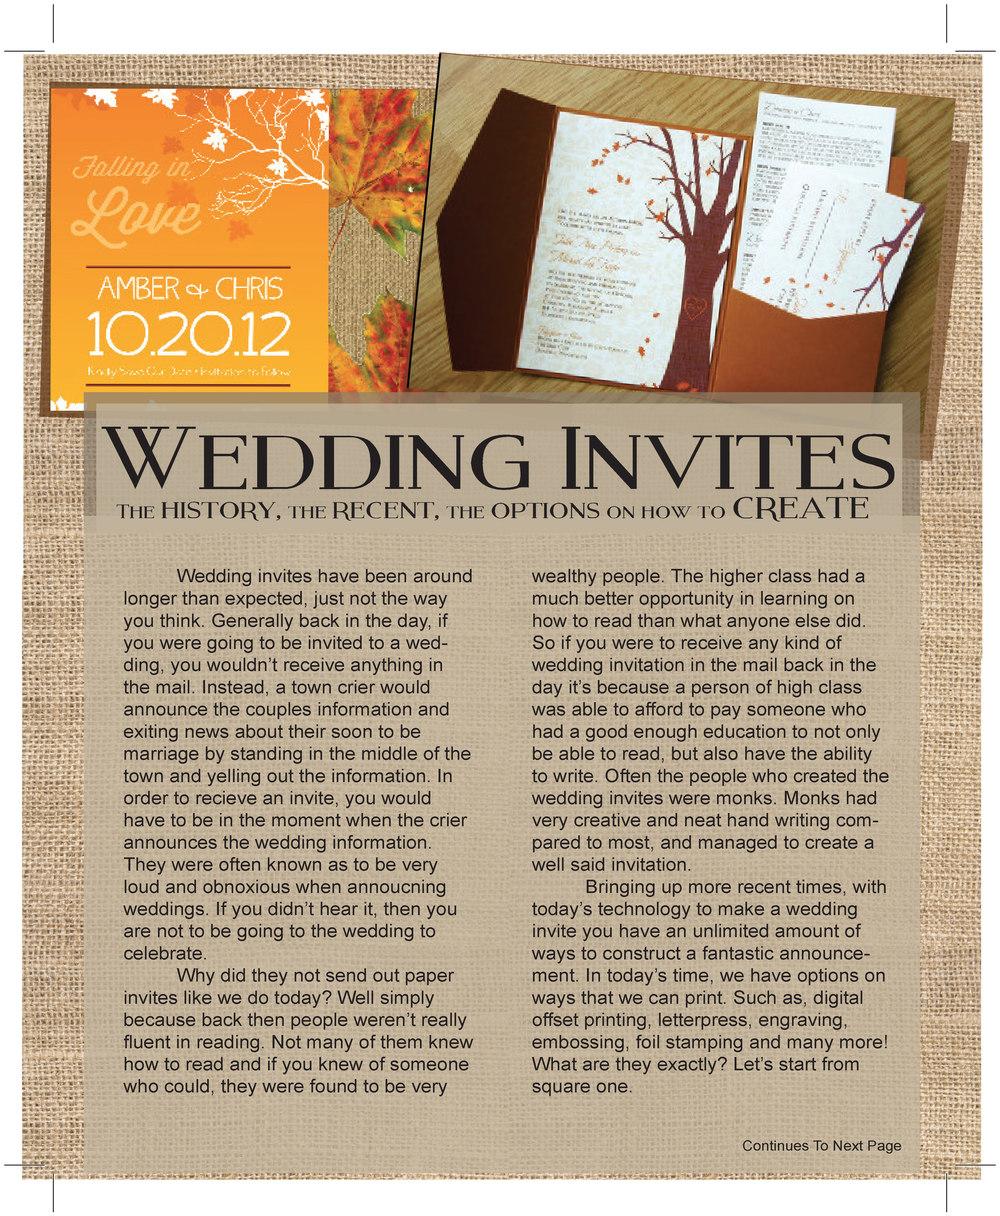 WeddingArticle_Page_2.jpg